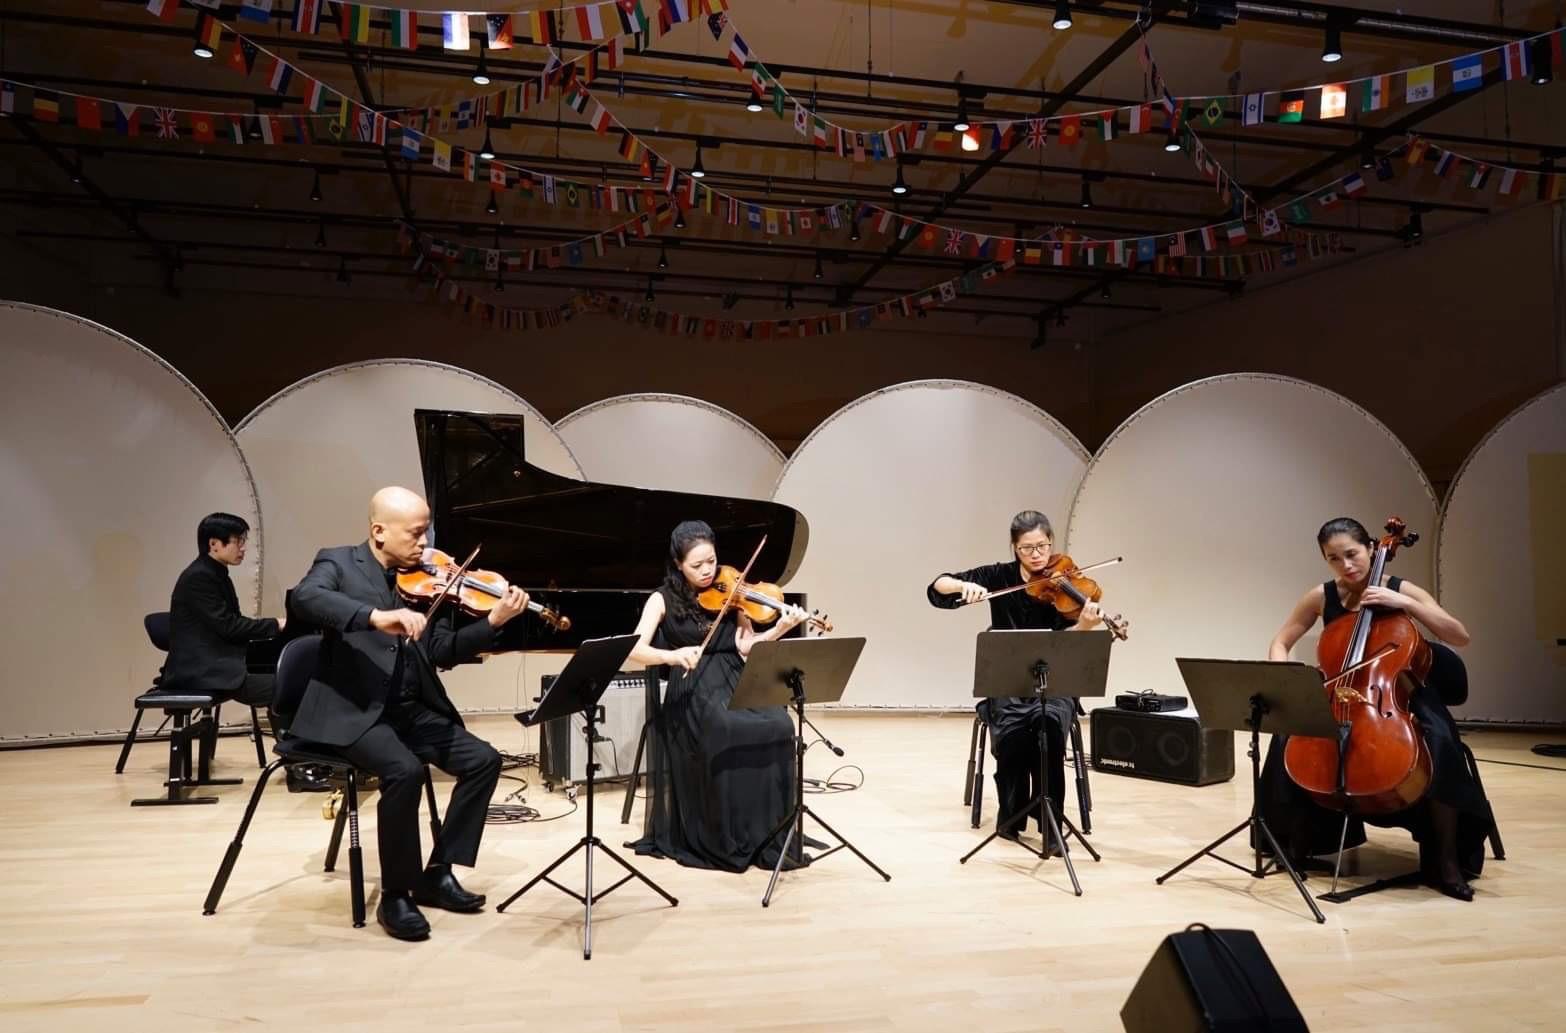 Chương trình hòa nhạc của Học viện Âm nhạc Quốc gia Việt Nam tại Học viện Âm nhạc Malmo - Ảnh 2.